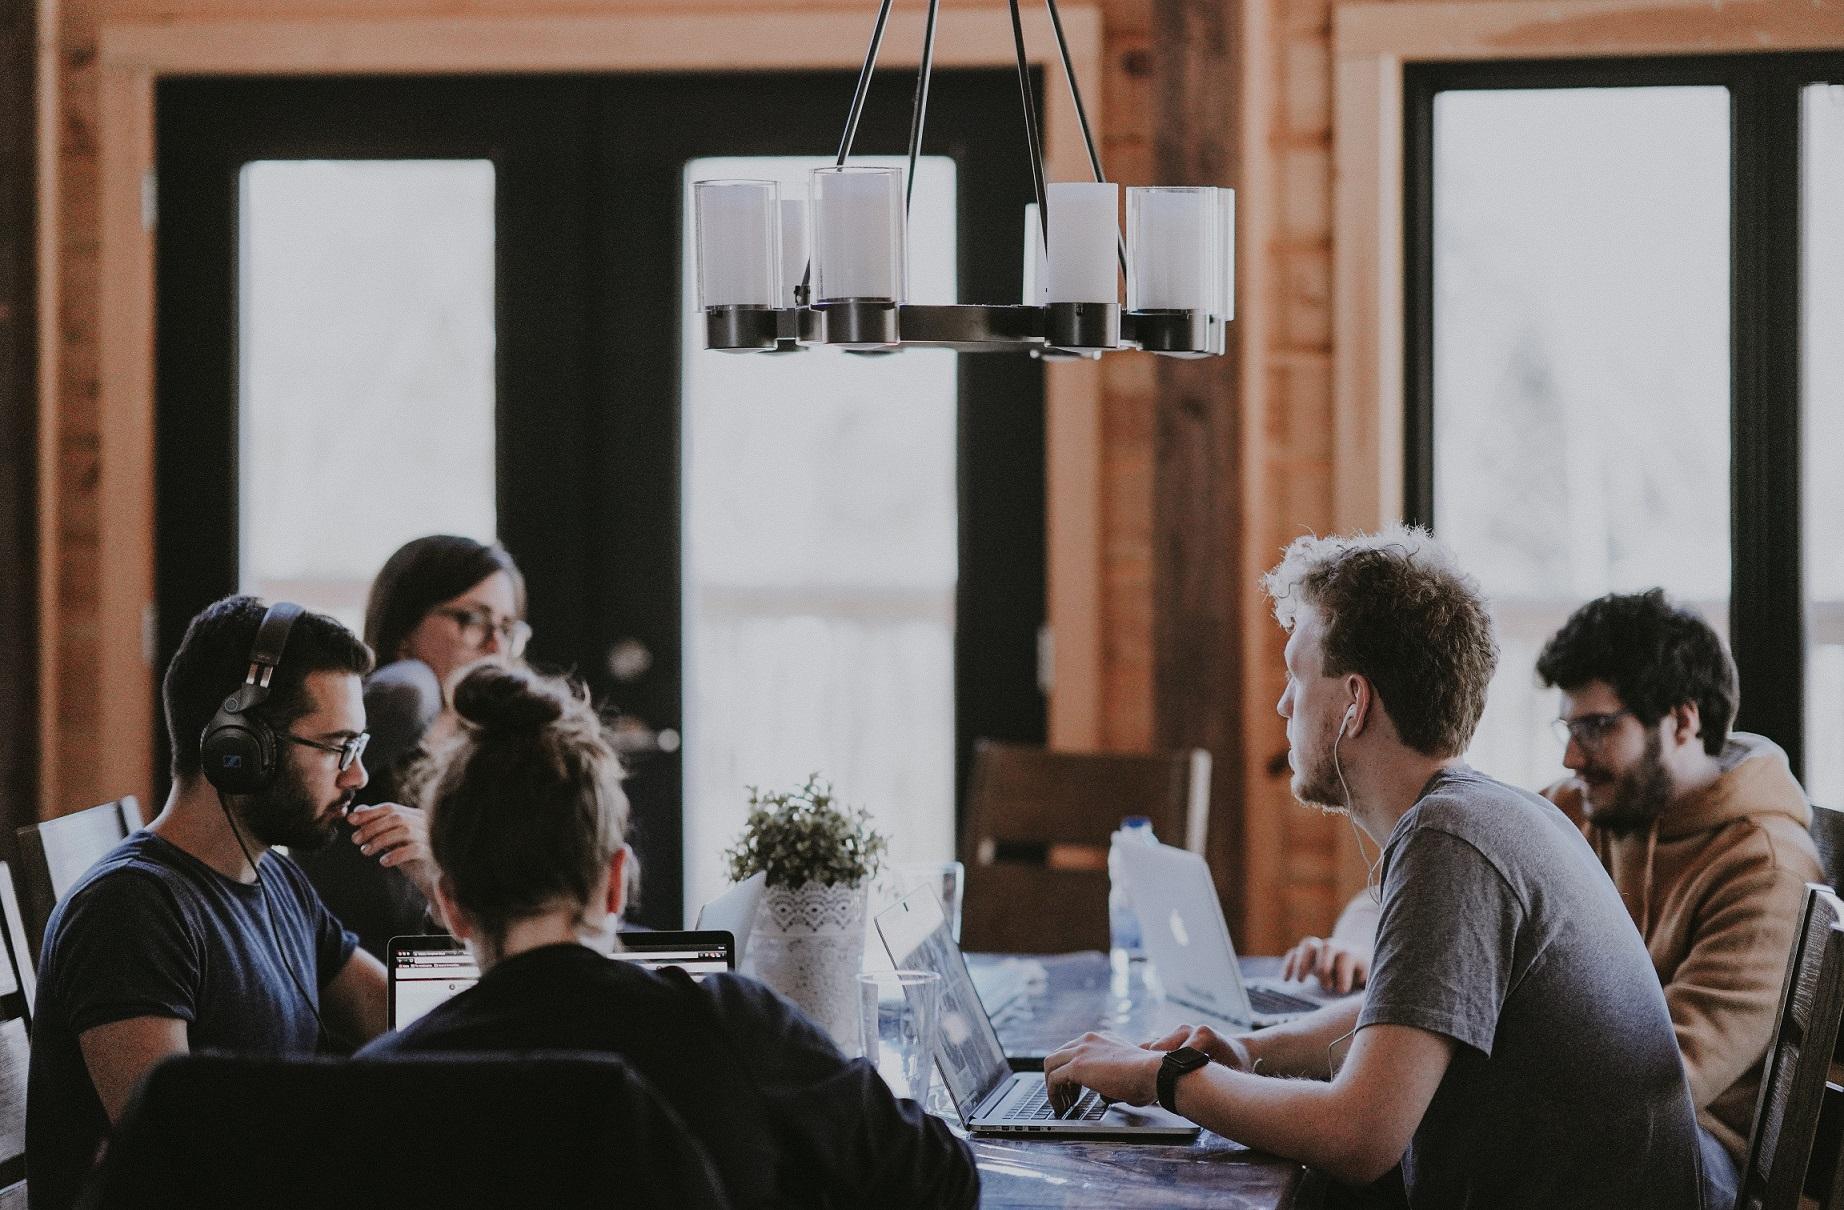 Por que colaboradores com experiências positivas se tornam mais engajados?